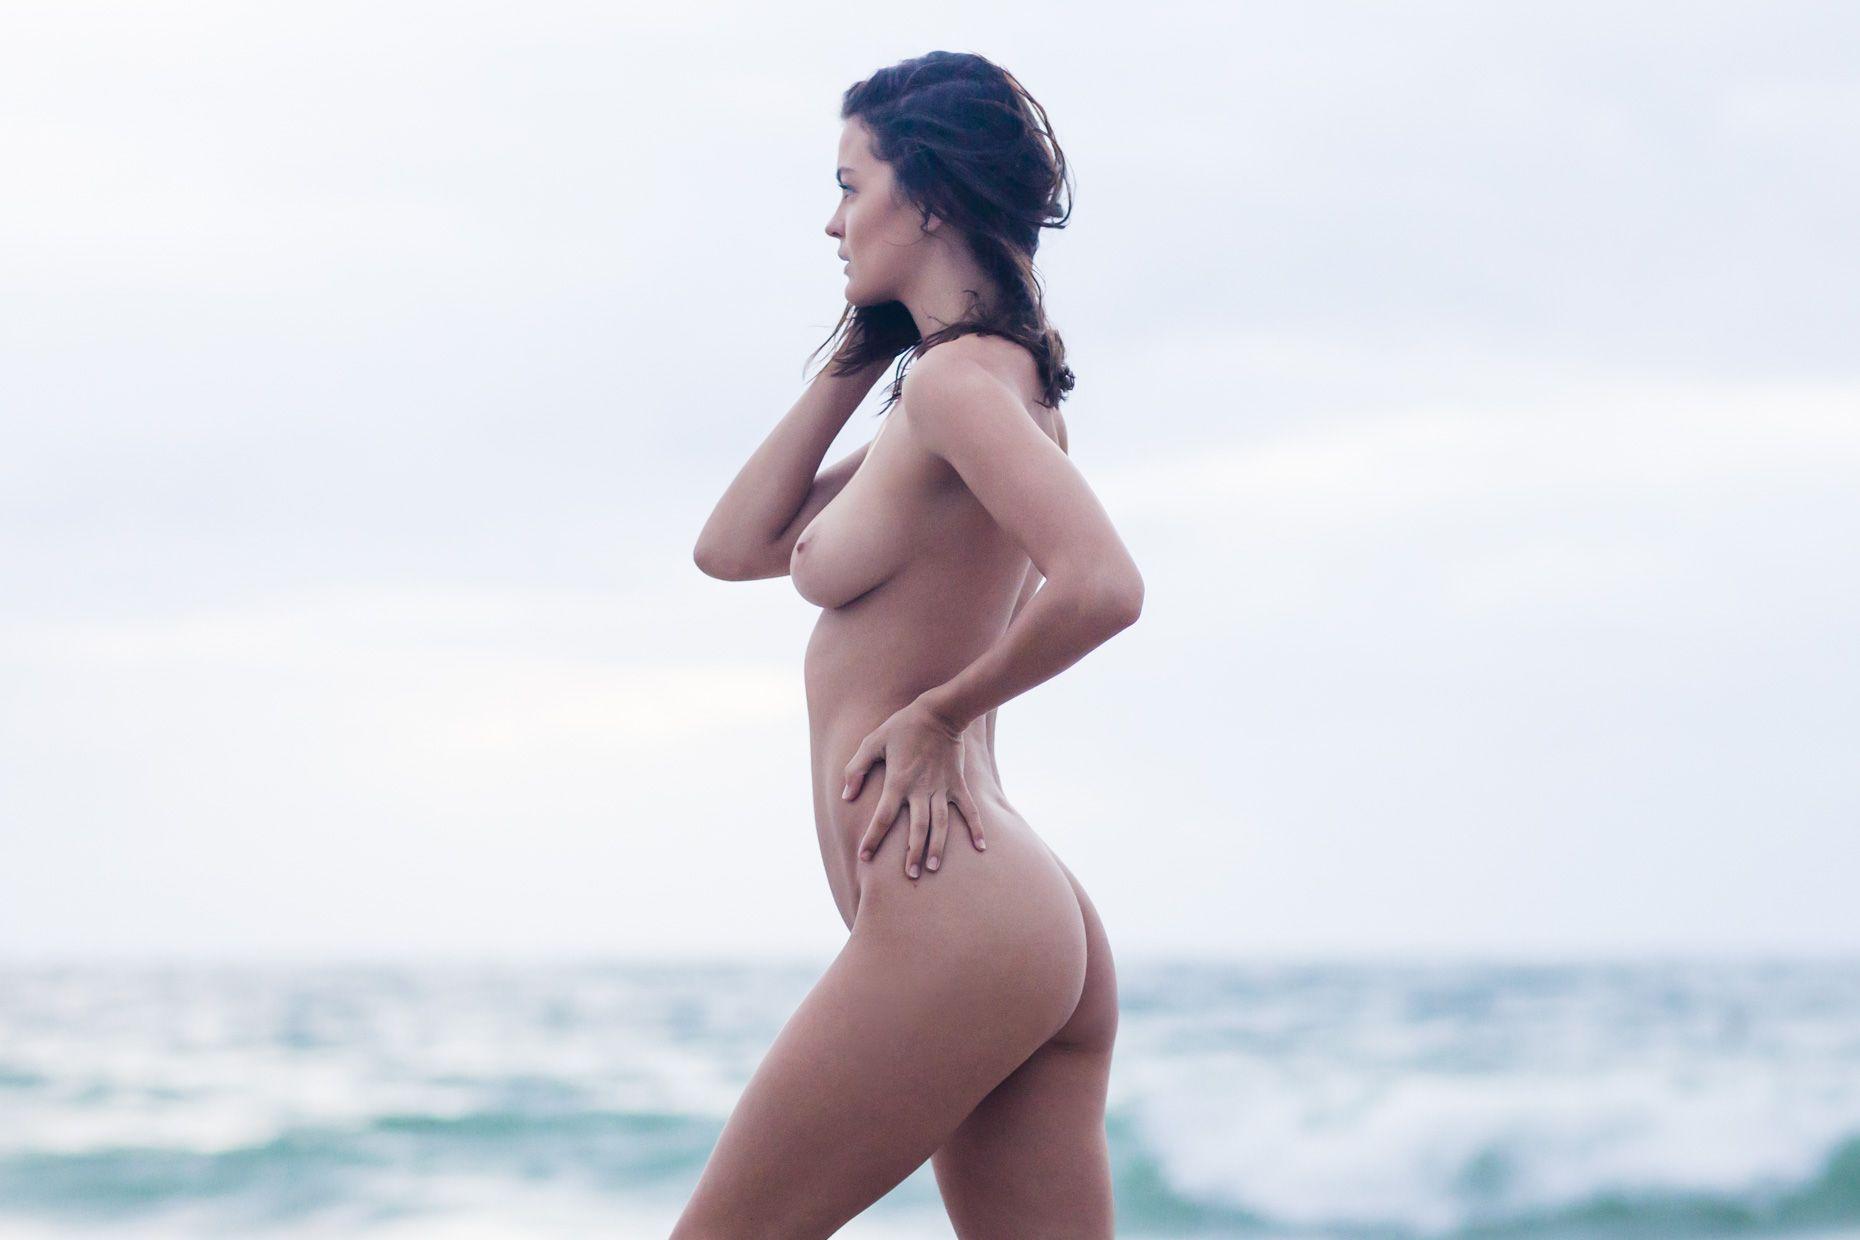 Katelyn Pascavis